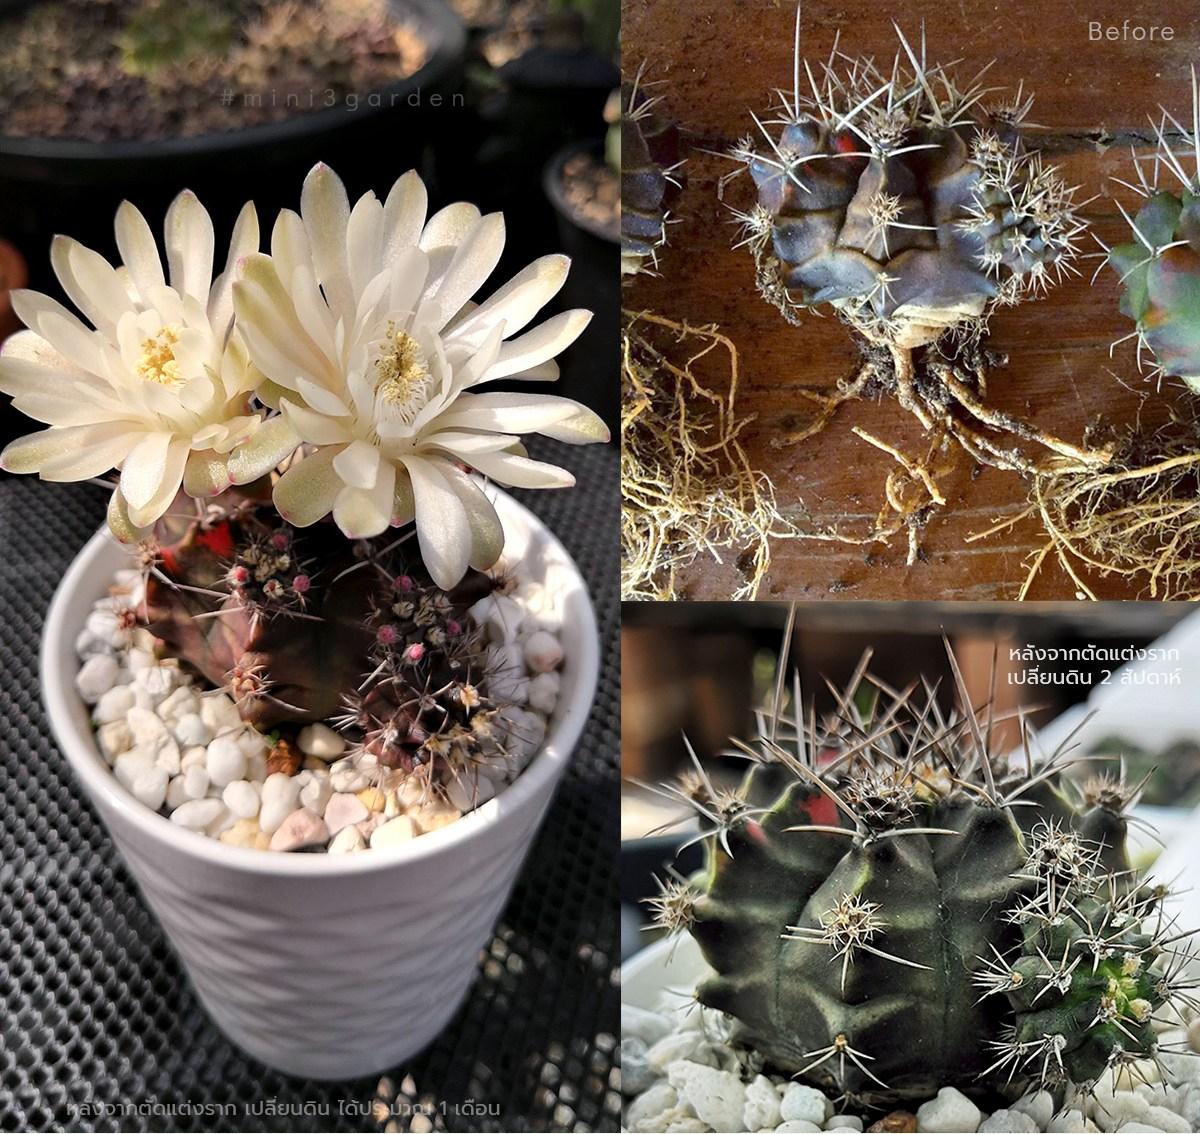 cactus_care020202-1.jpg